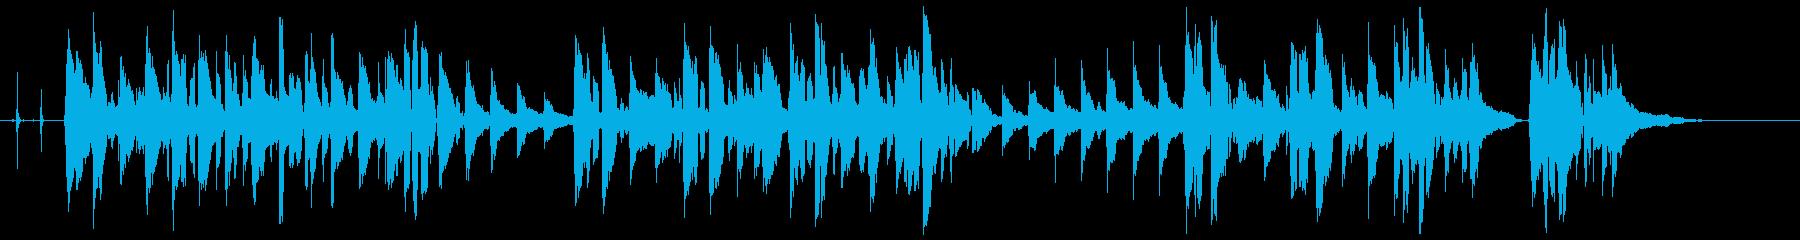 おつきさまの再生済みの波形